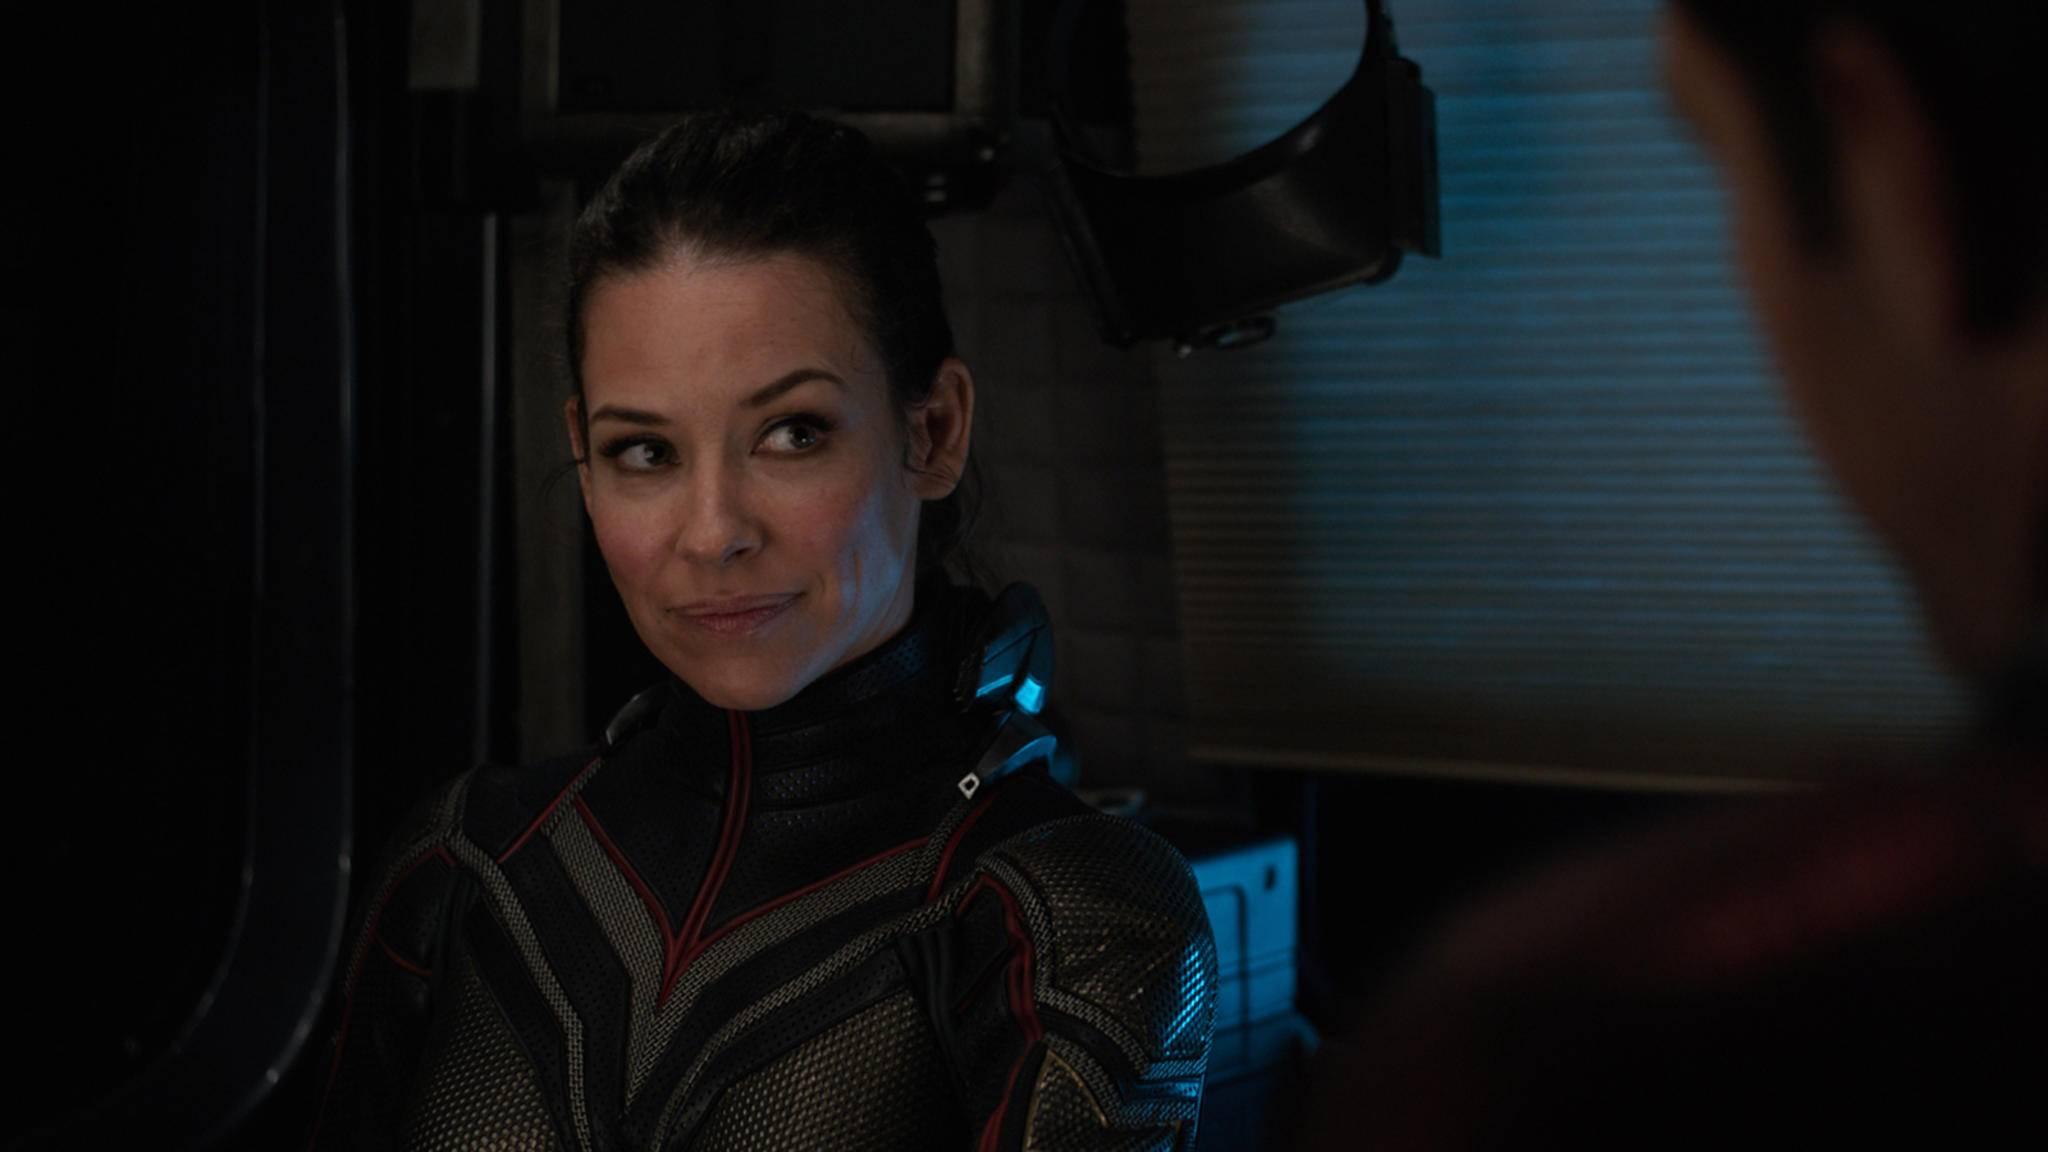 """Wer ist hier der Sidekick?! The Wasp ist der eigentliche Star in """"Ant-Man and the Wasp""""."""